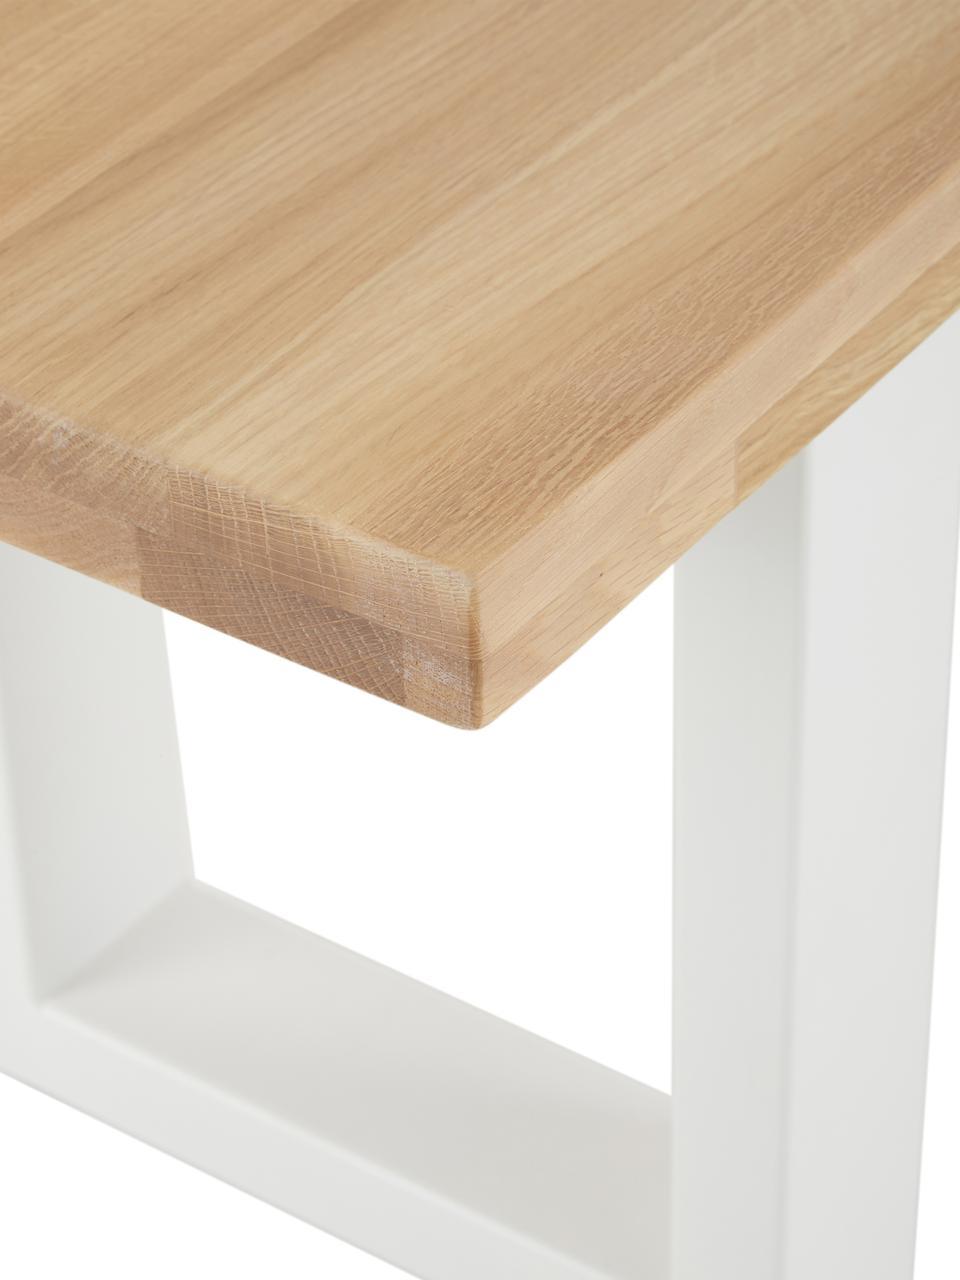 Sitzbank Oliver aus Eichenholz, Sitzfläche: Wildeichenlamellen, massi, Beine: Metall, pulverbeschichtet, Wildeiche, 160 x 45 cm